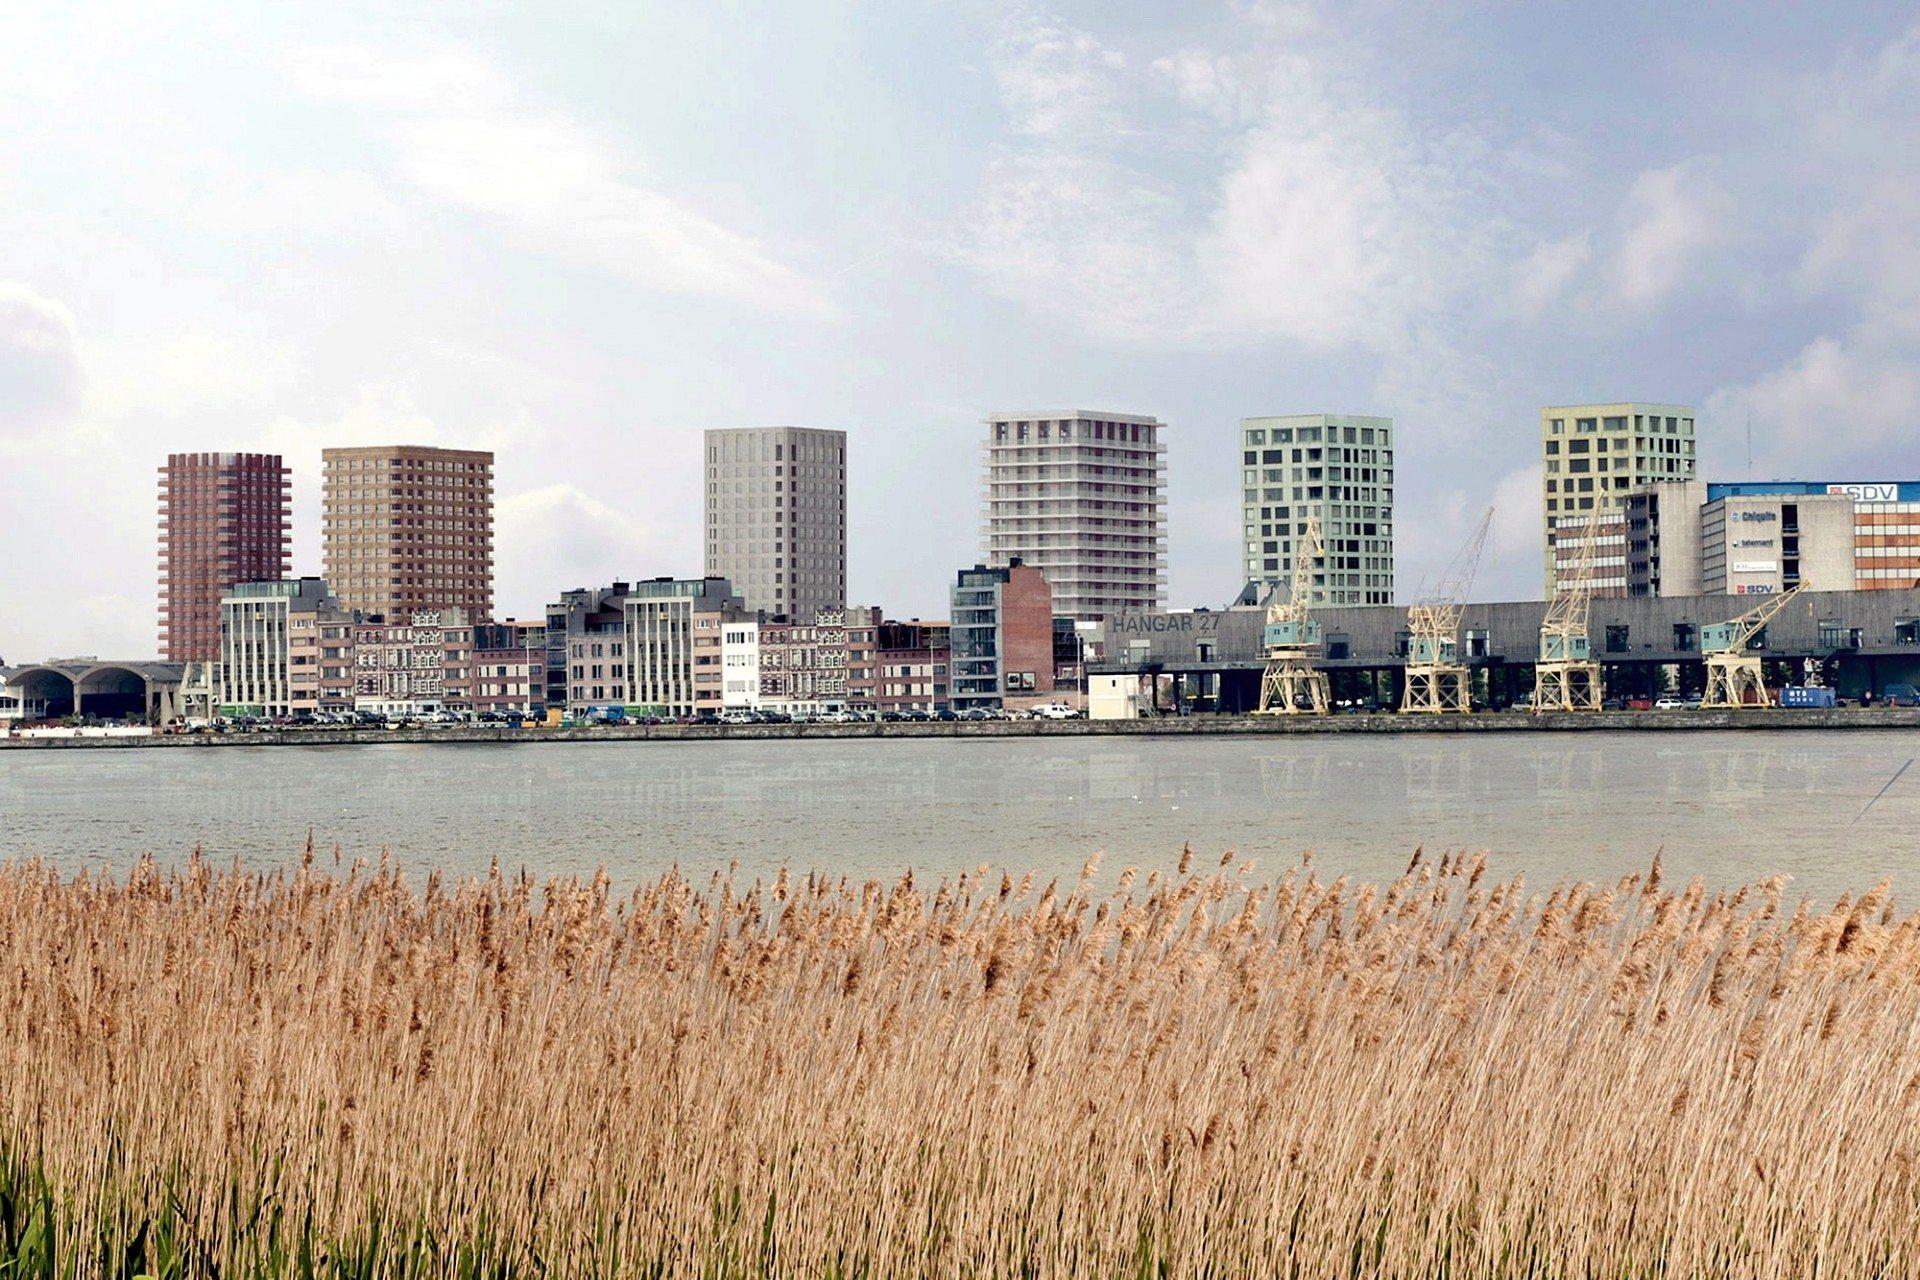 Turmparade. Die neue Skyline des Westkais mit den Zwillingstürmen von Diener + Diener, David Chipperfield Architects und Tony Fretton Architects (von rechts nach links)